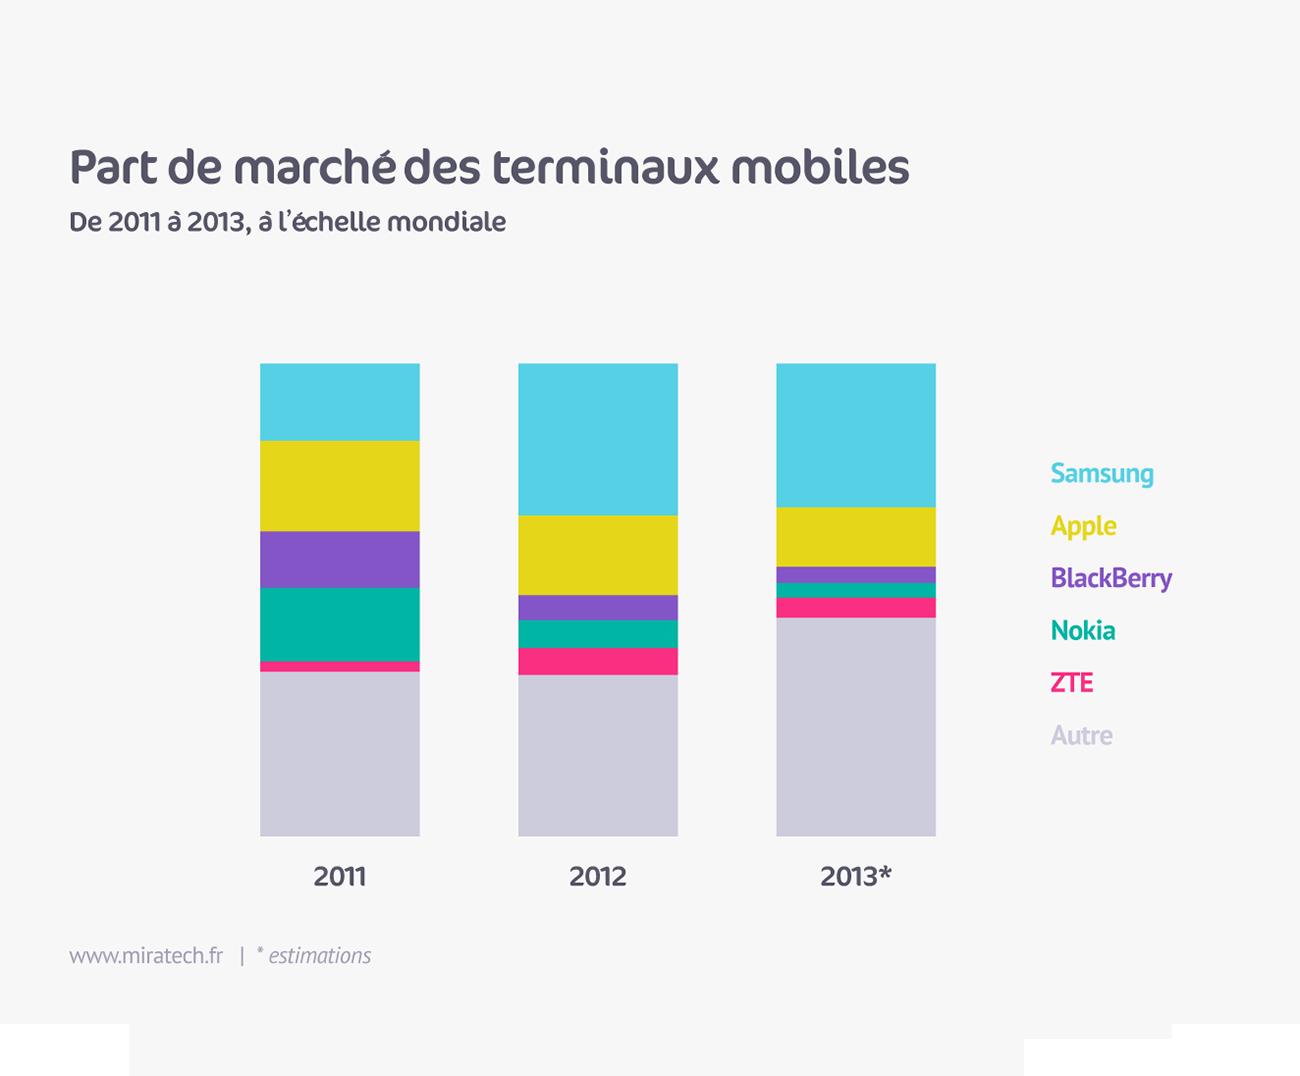 Part de marché des terminaux mobiles